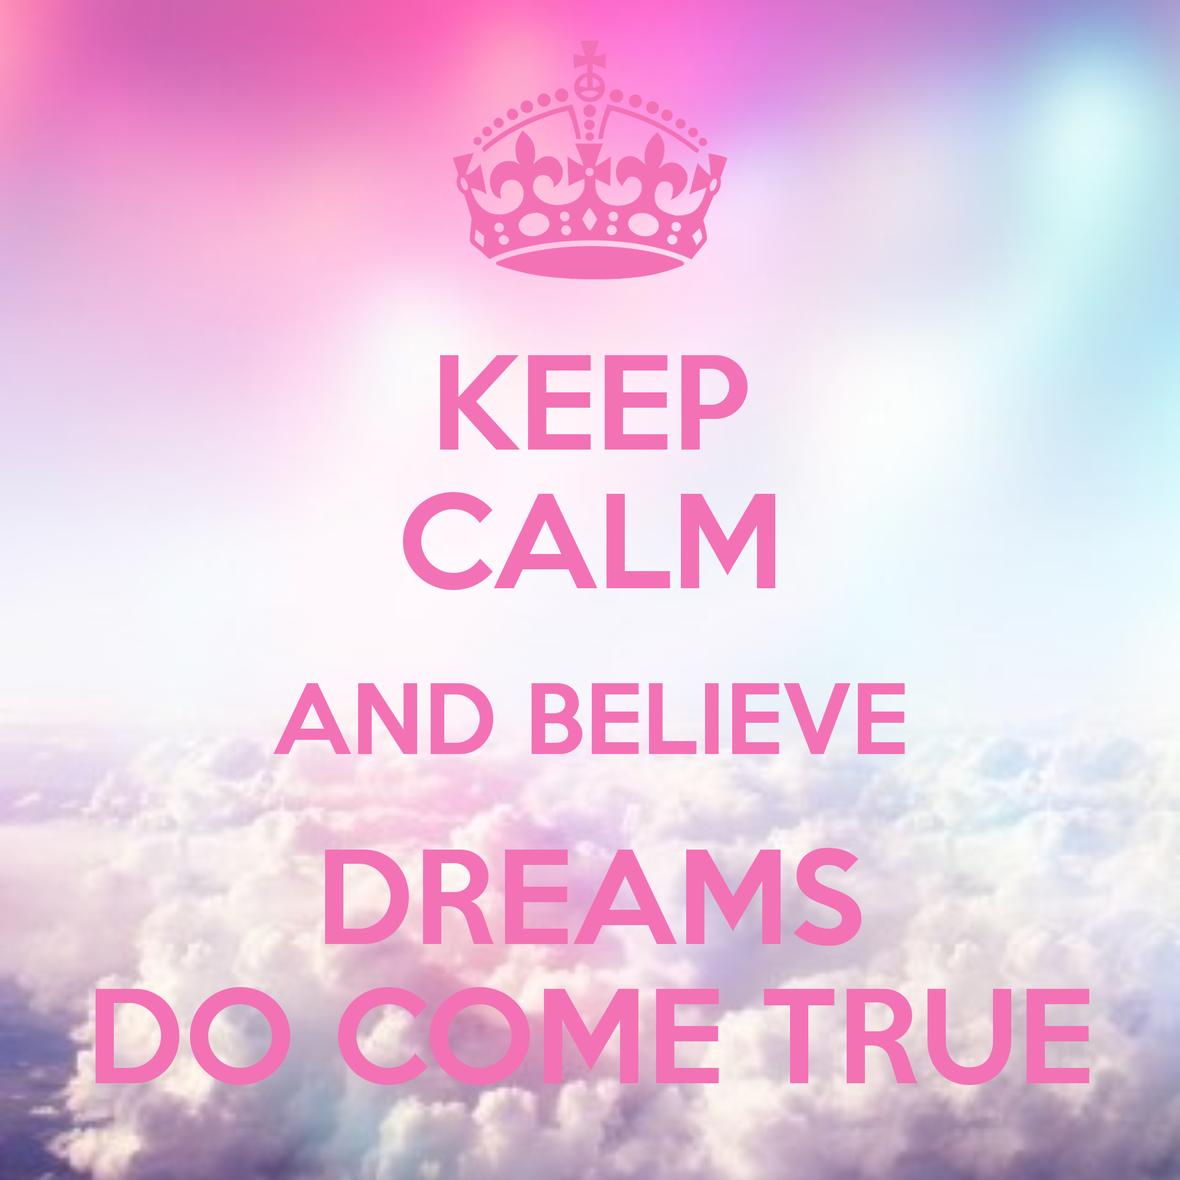 keep-calm-and-believe-dreams-do-come-true-1